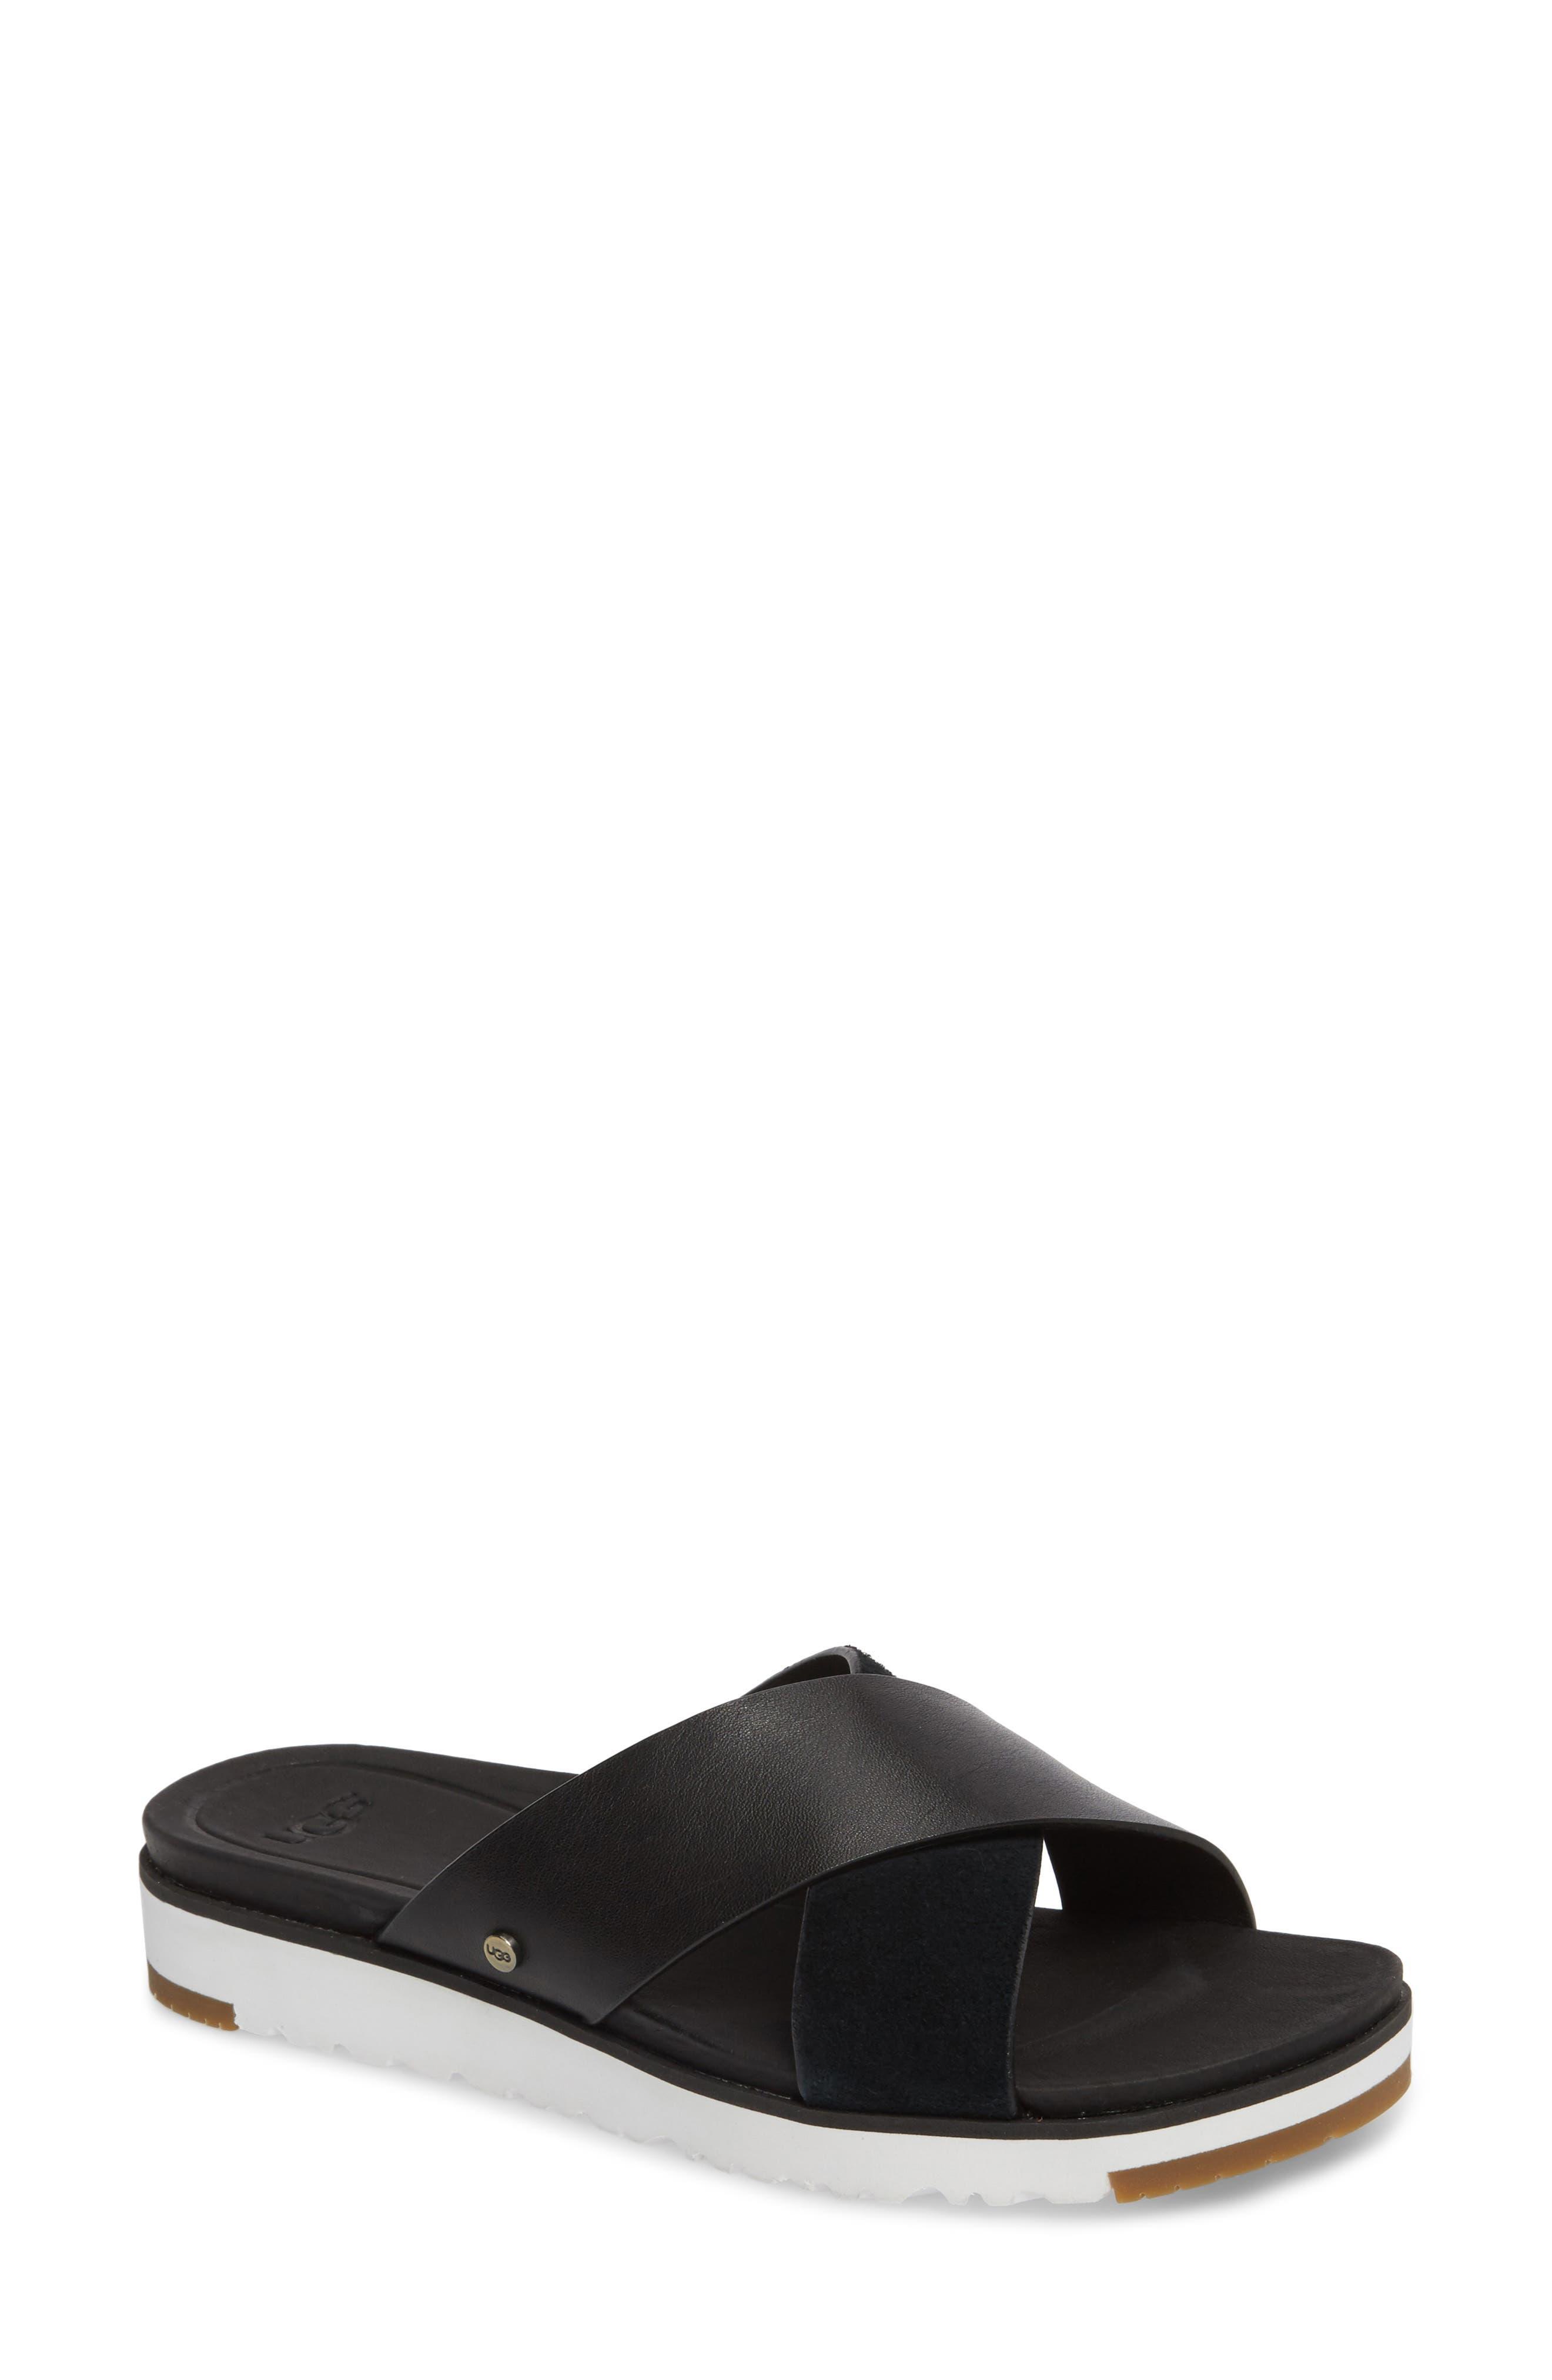 'Kari' Sandal,                         Main,                         color, BLACK